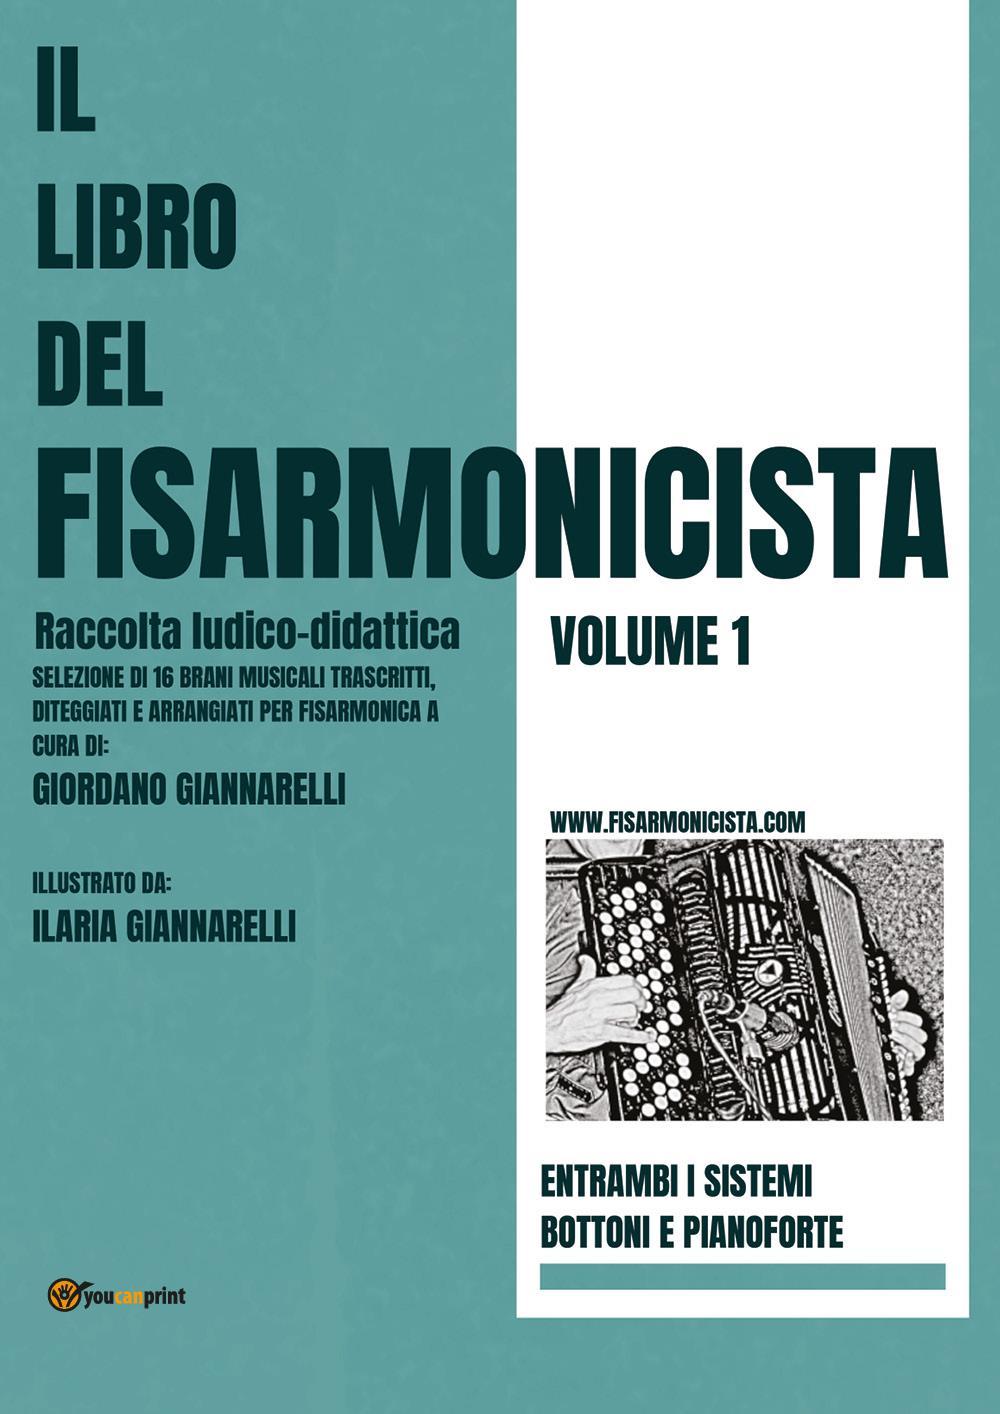 Il libro del fisarmonicista